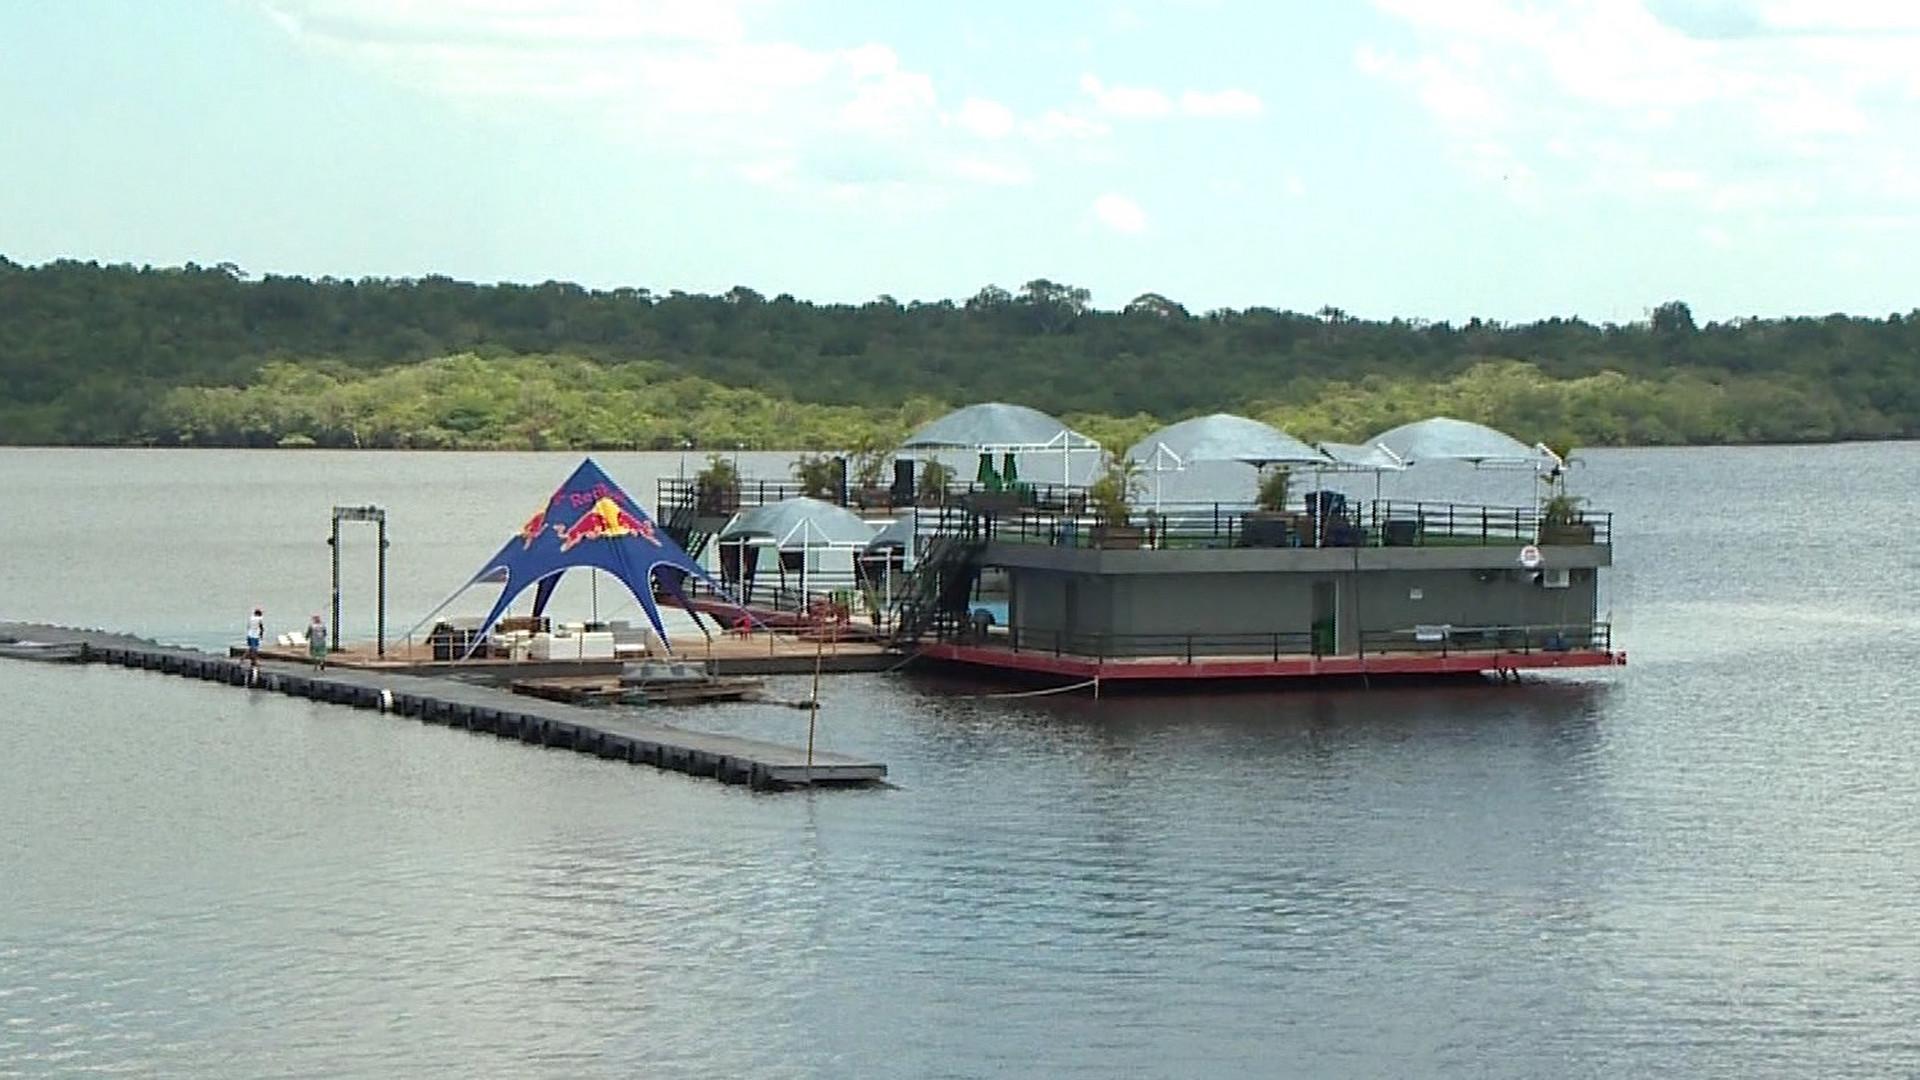 FLUTUANTES SÃO FLAGRADOS FURTANDO ENERGIA - Alô Amazonas - 18/08/17 - Alô Amazonas 18/08/2017